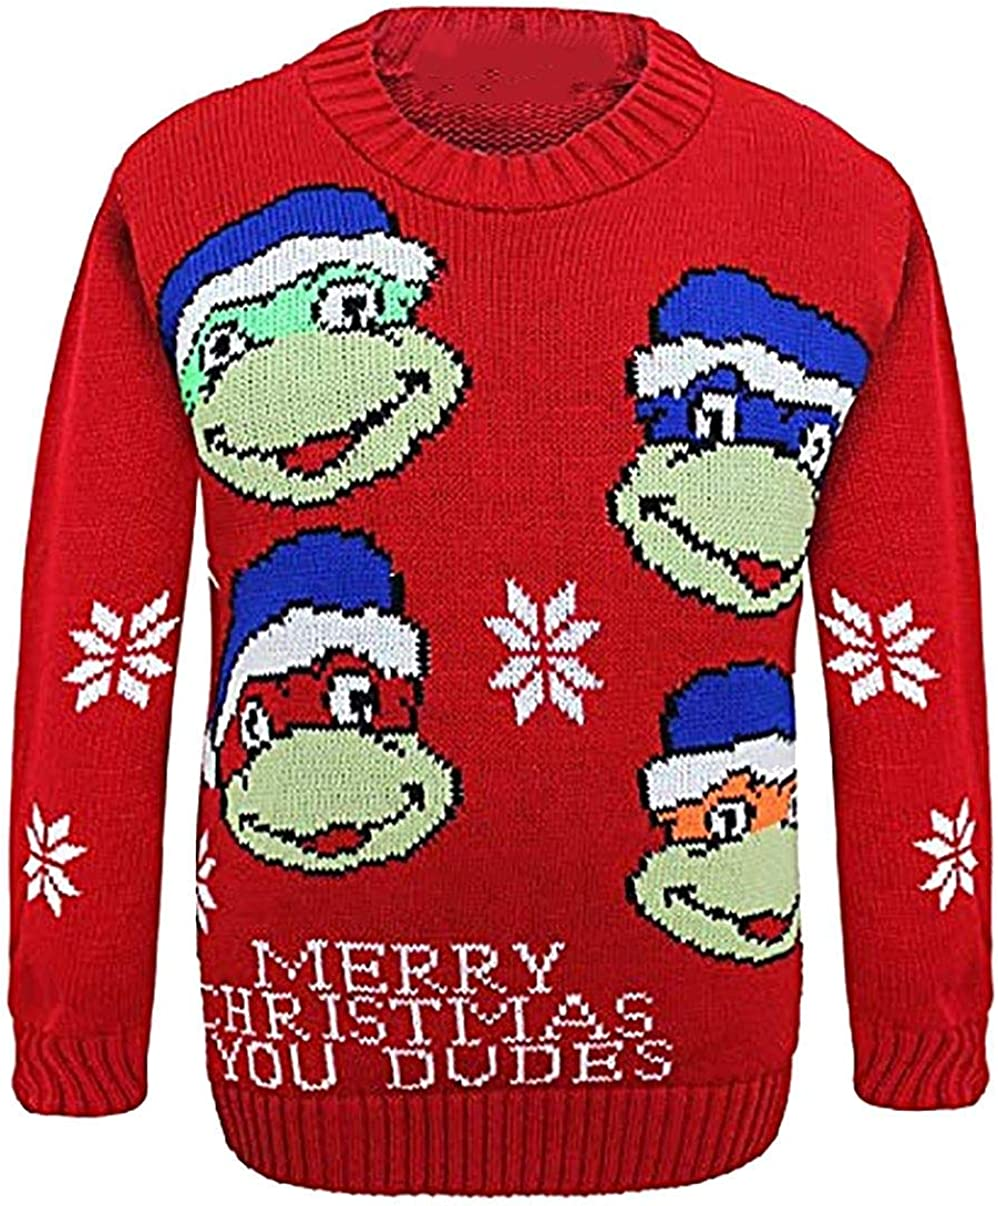 Ladies OMG Santa Print Christmas Knitted Jumper Unisex Full Sleeves Sweater Top